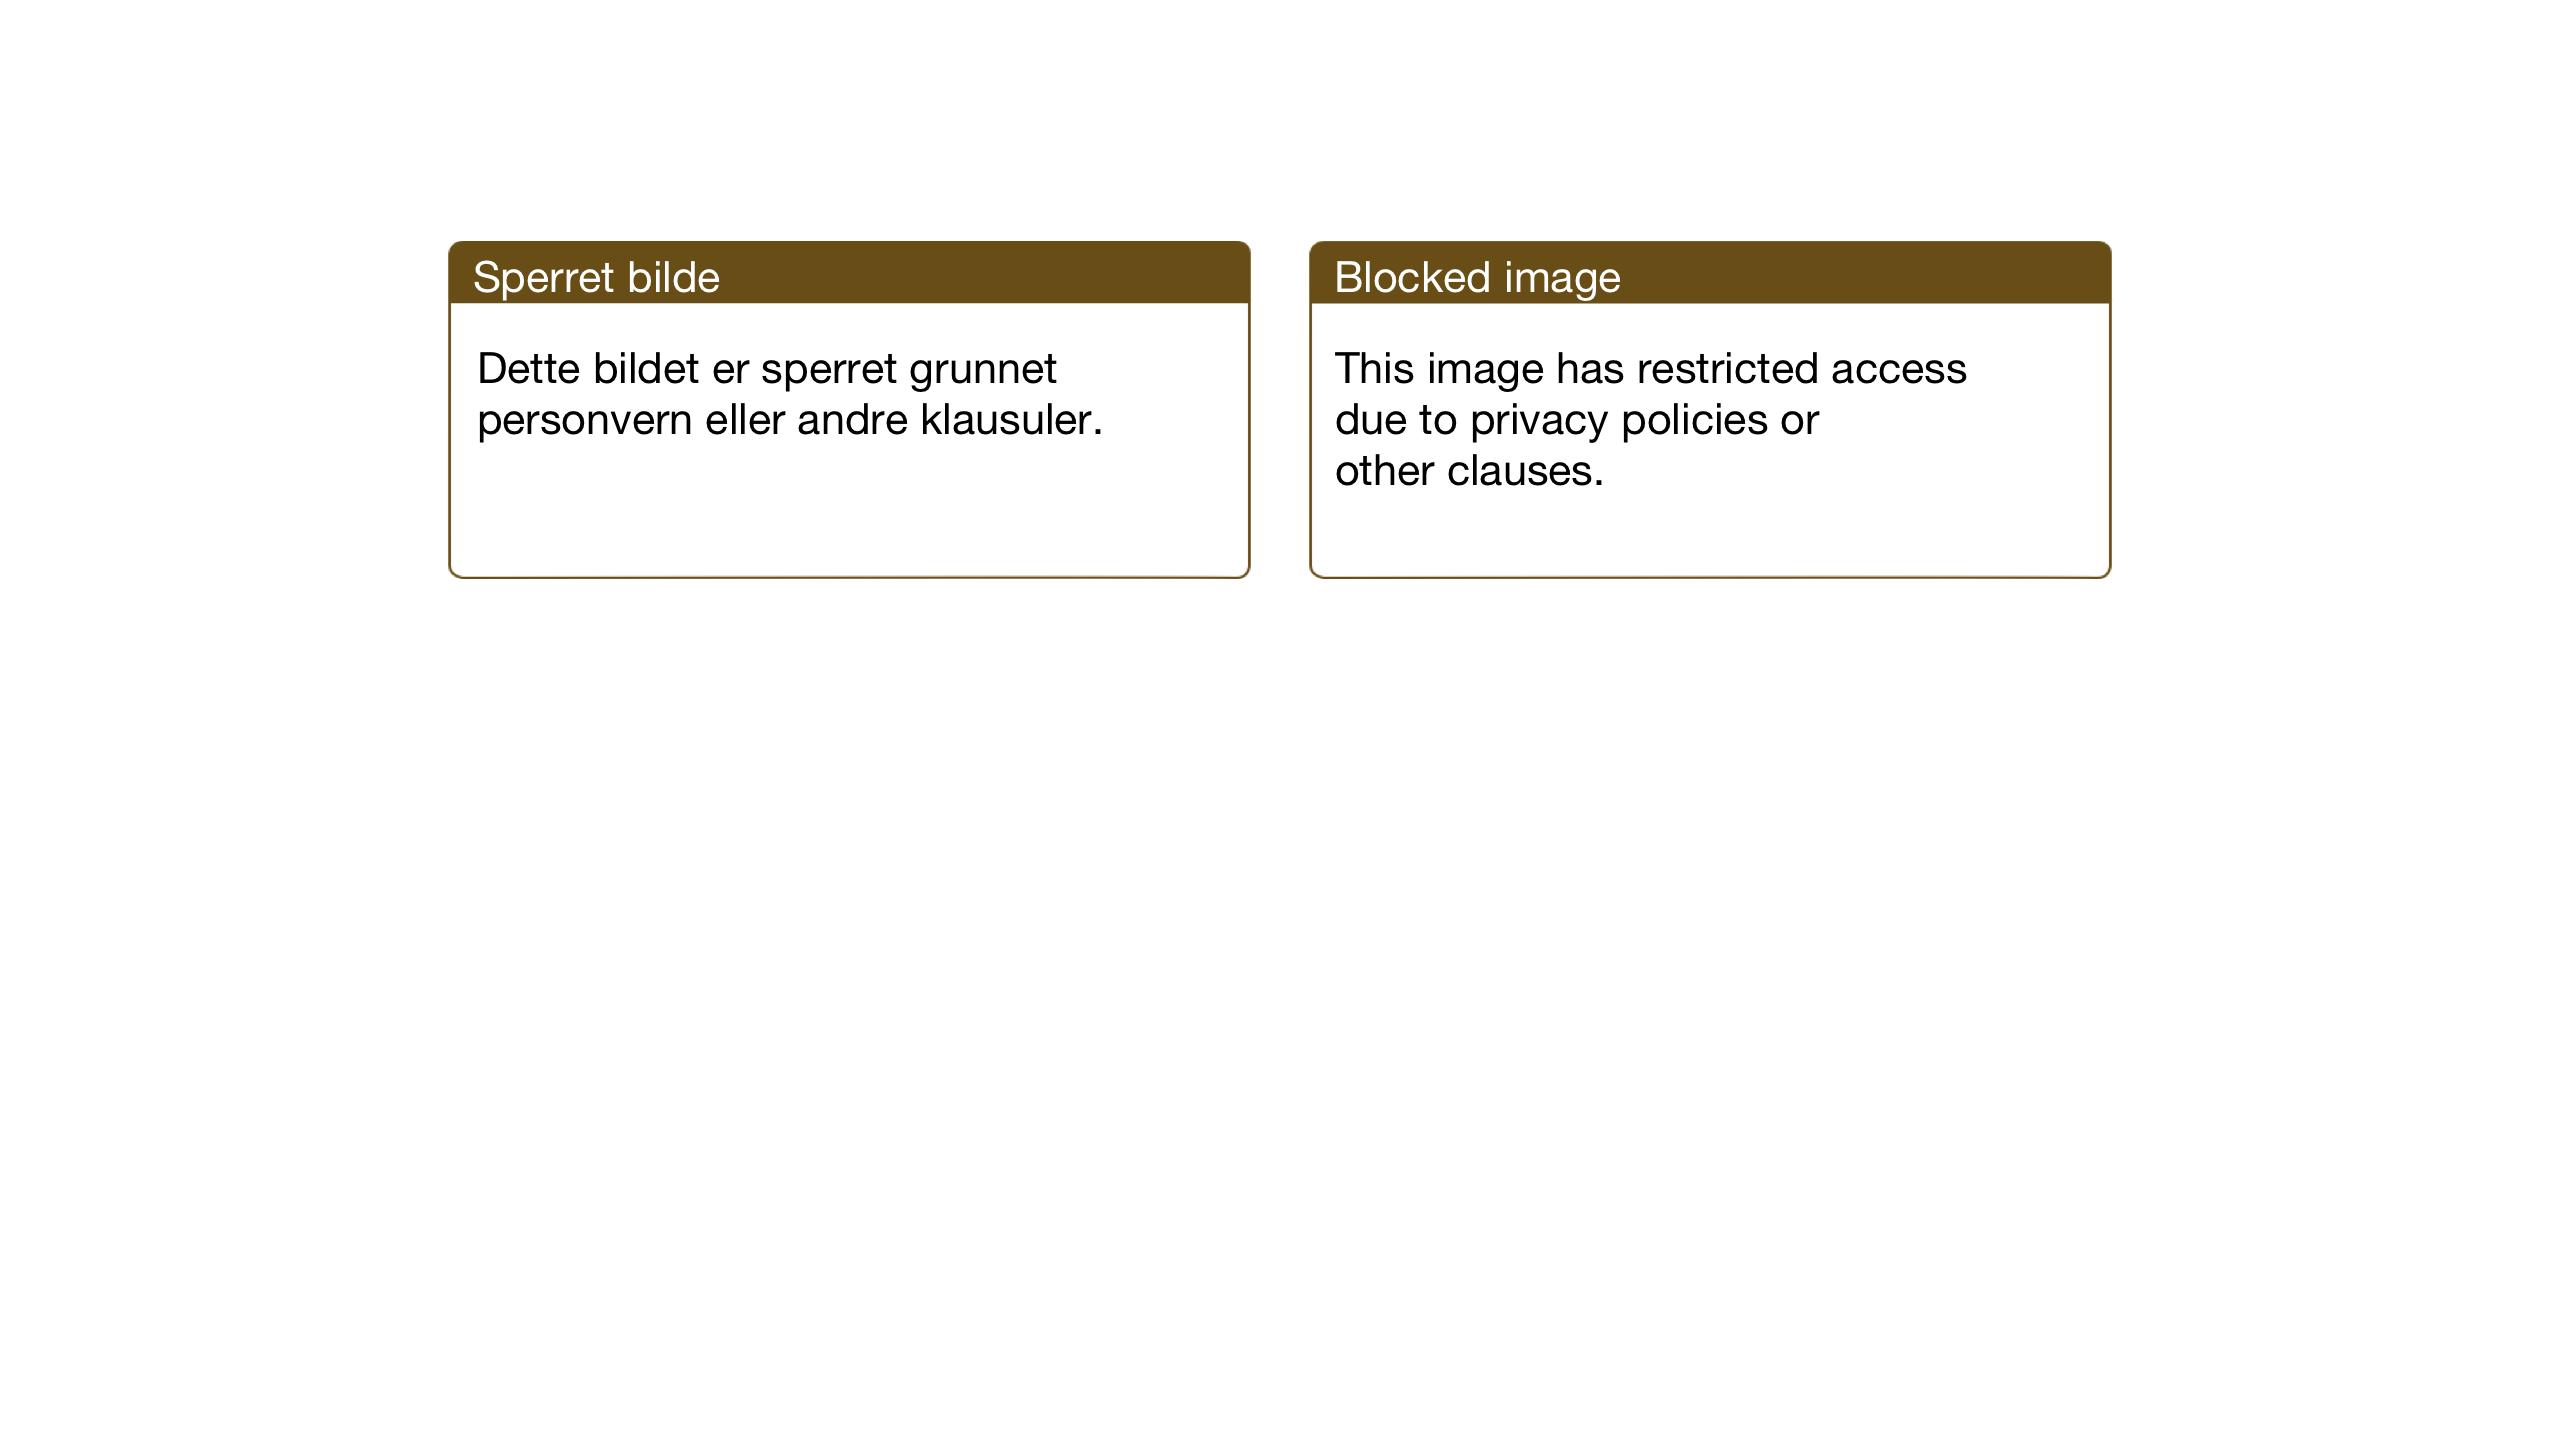 SAT, Ministerialprotokoller, klokkerbøker og fødselsregistre - Sør-Trøndelag, 606/L0315: Klokkerbok nr. 606C11, 1938-1947, s. 103